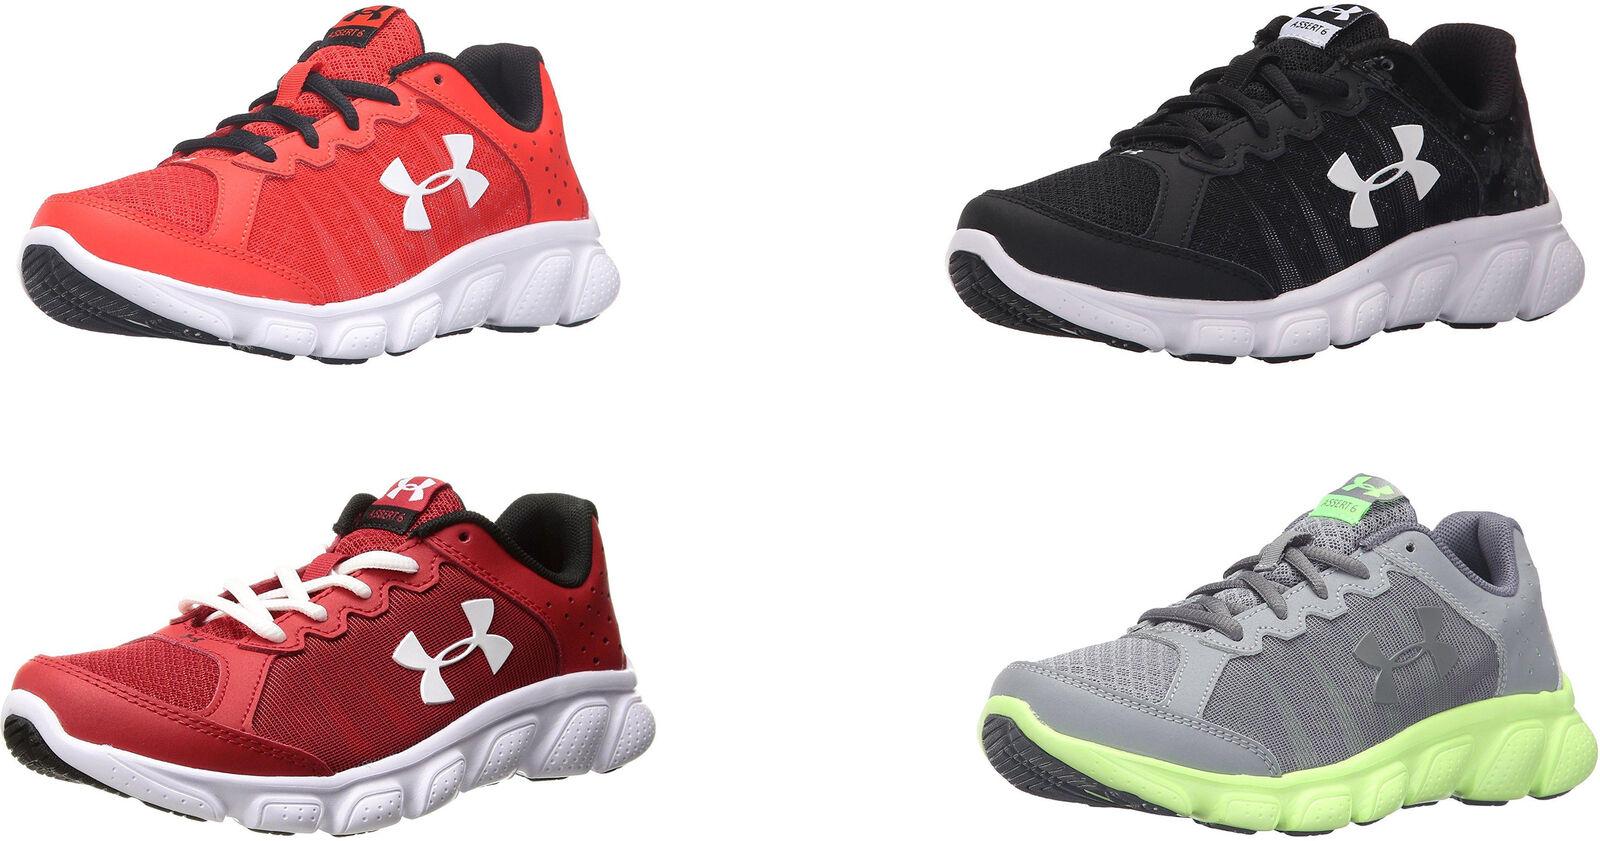 new arrivals 245fd ecd84 Under Armour Boys  Pre School Assert 6 Shoes, 4 Colors